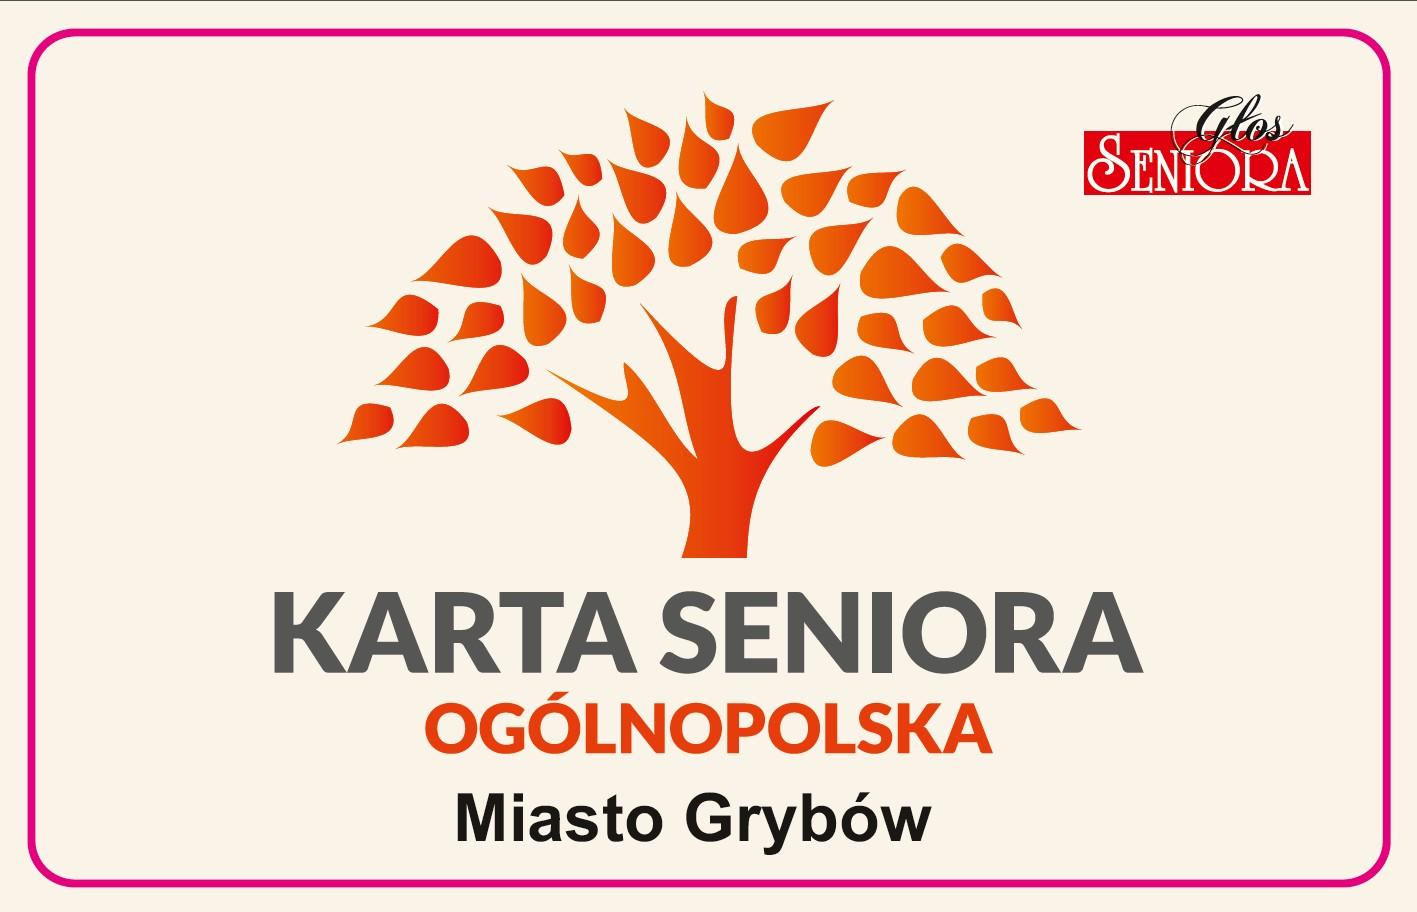 Ogólnopolska Karta Seniora - Miasto Grybów (awers)